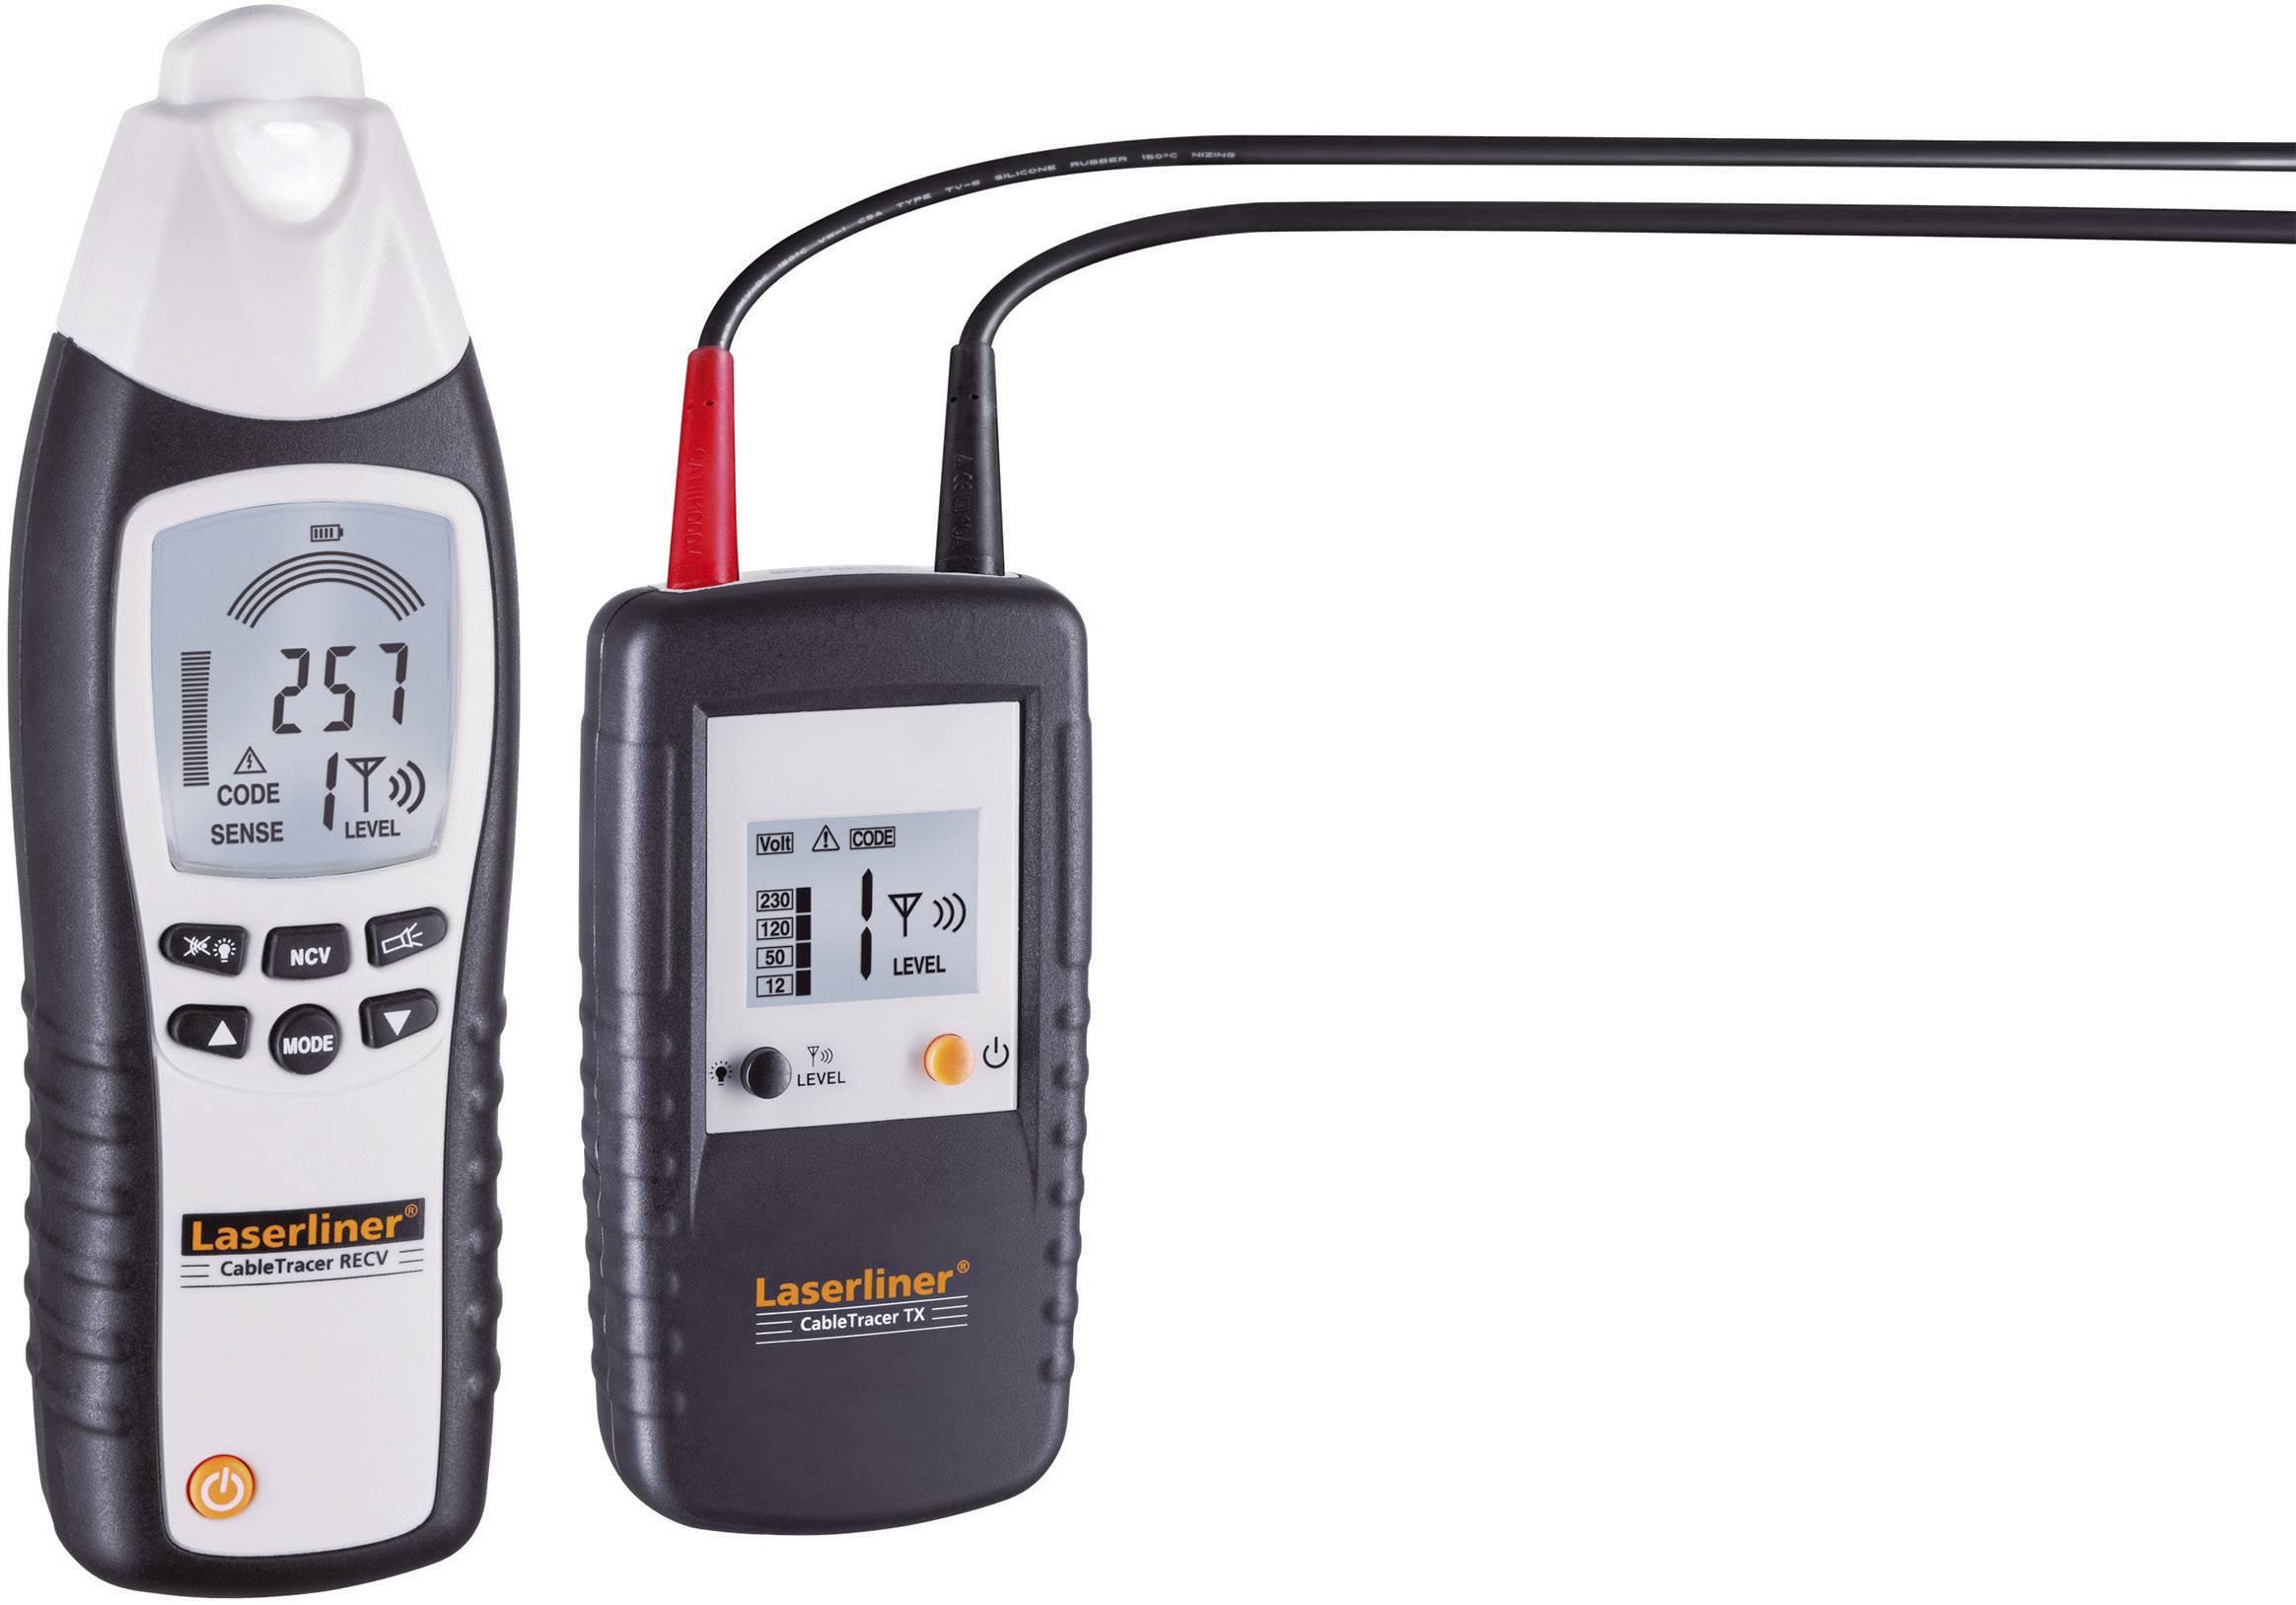 Sada detektoru vedení Laserliner CableTracer Pro, 083.070A